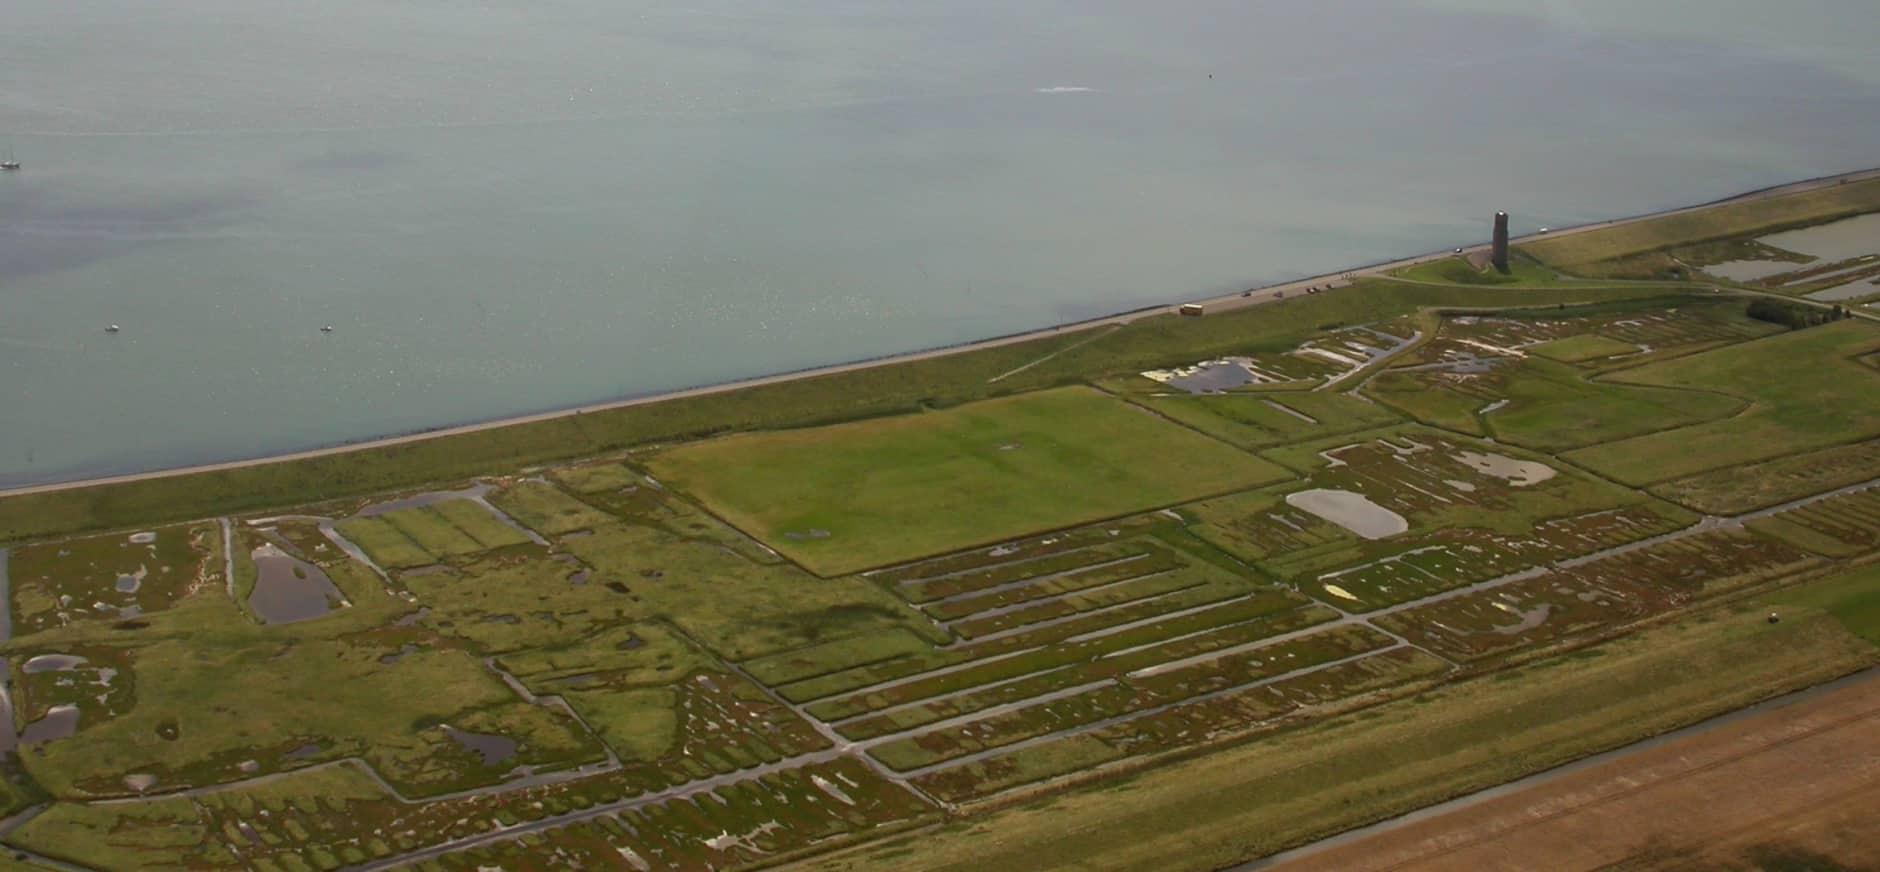 De Roggenplaat en de binnendijkse natuurgebieden in Plan Tureluur hebben een belangrijke wisselwerking